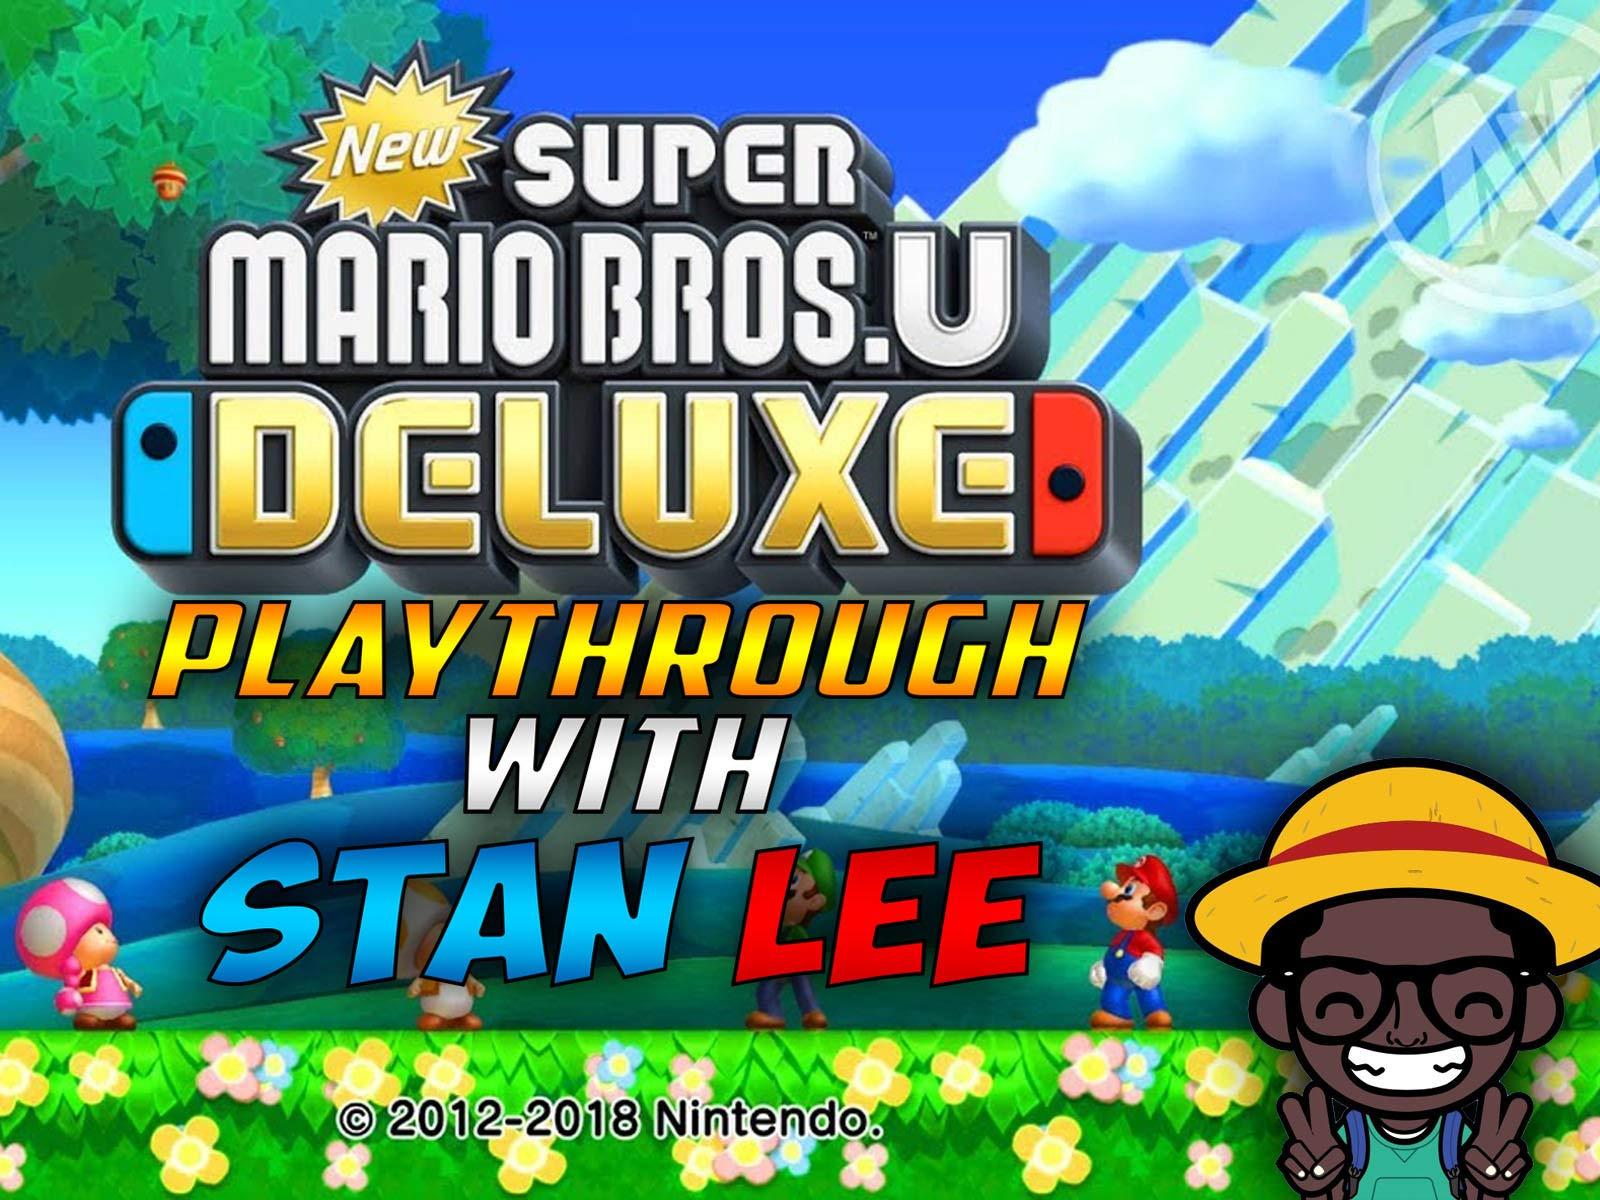 New Super Mario Bros. U Deluxe Playthrough With Stan Lee - Season 1